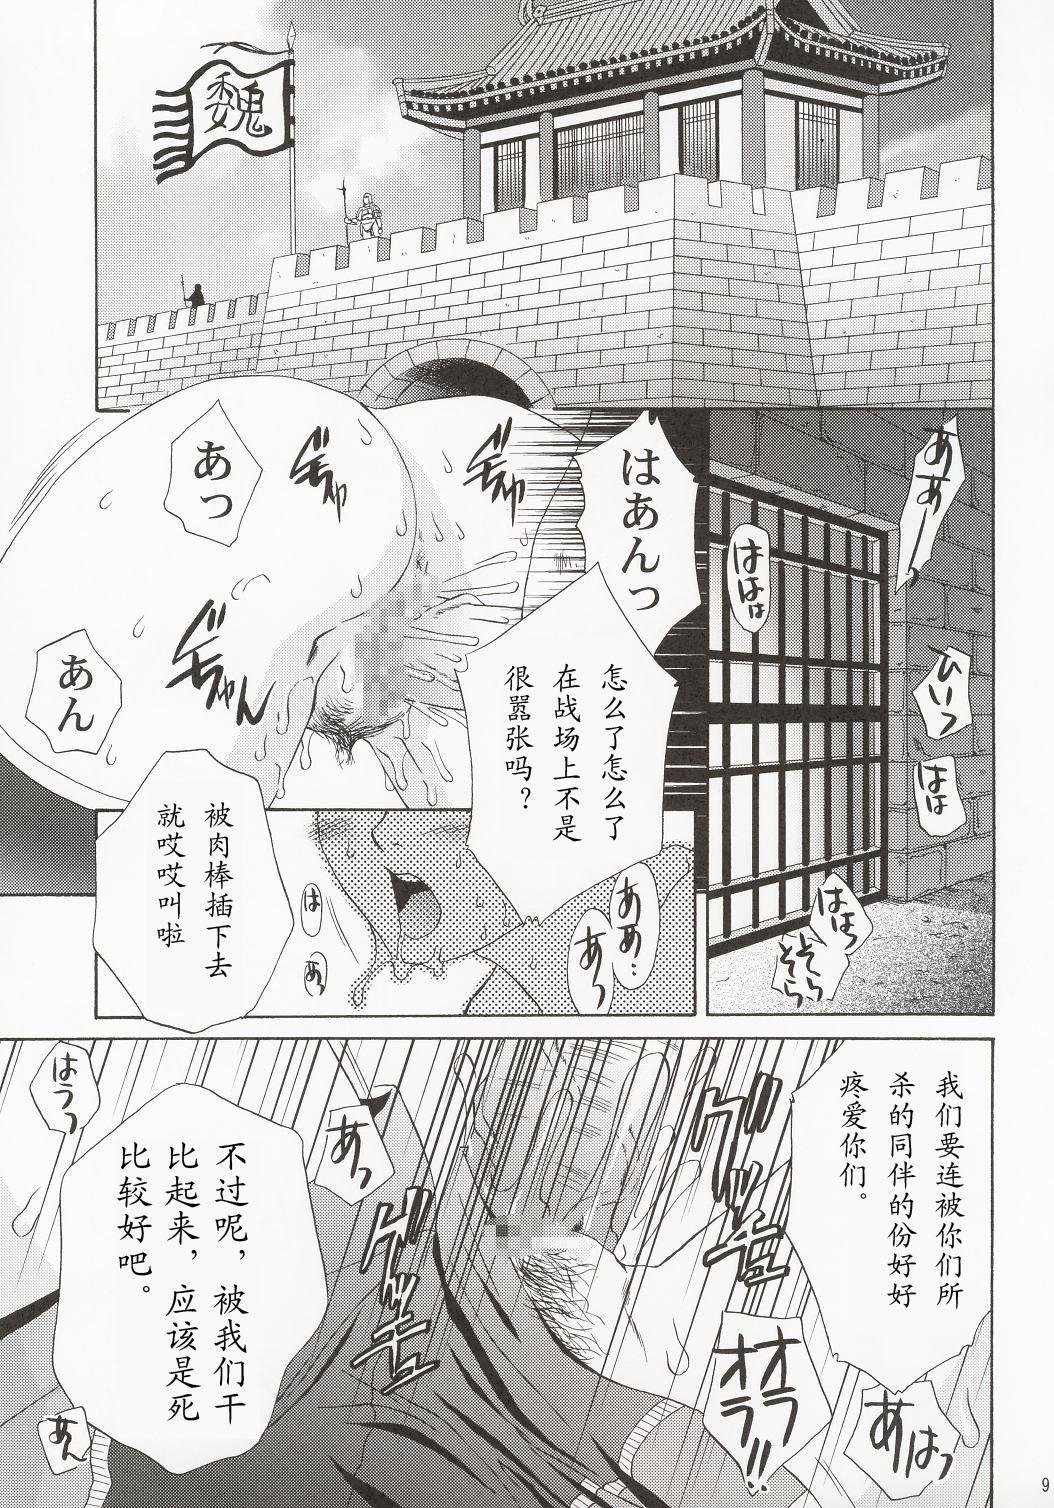 In Sangoku Musou 7